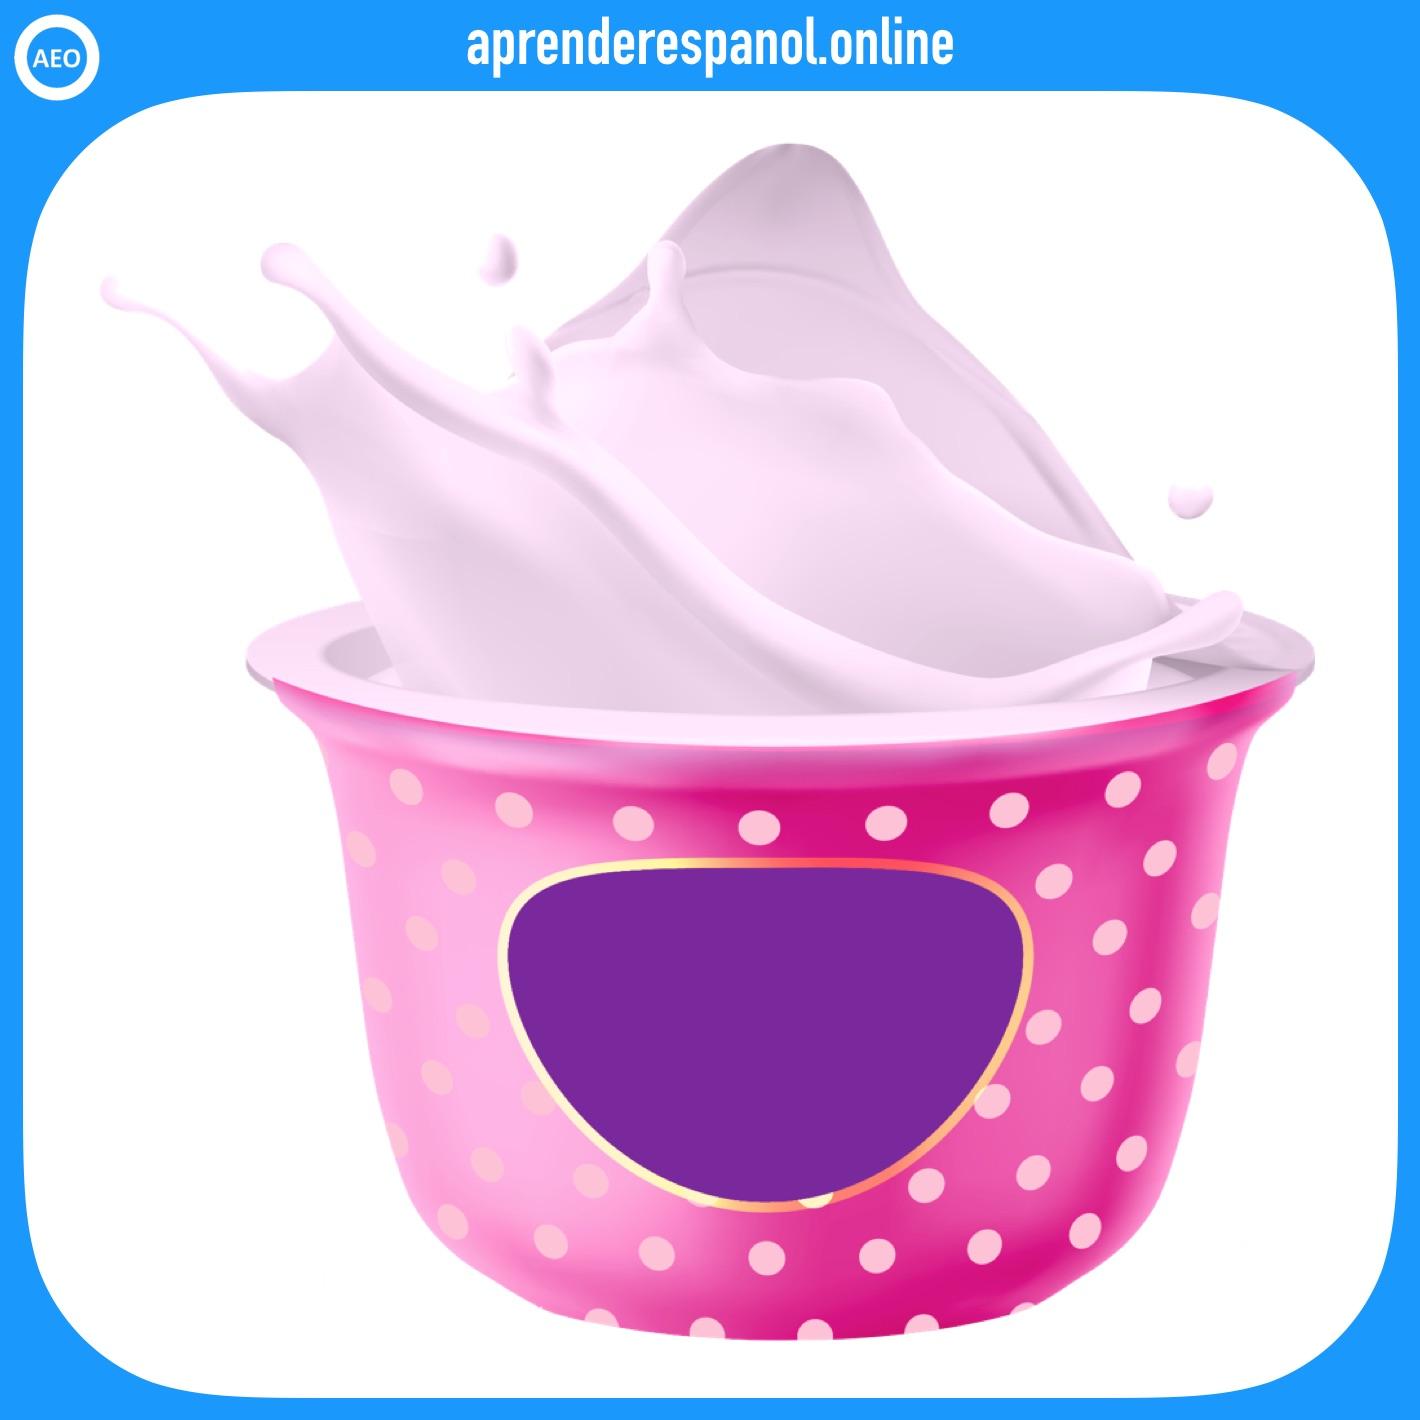 yogur   alimentos en español   vocabulario de los alimentos en español